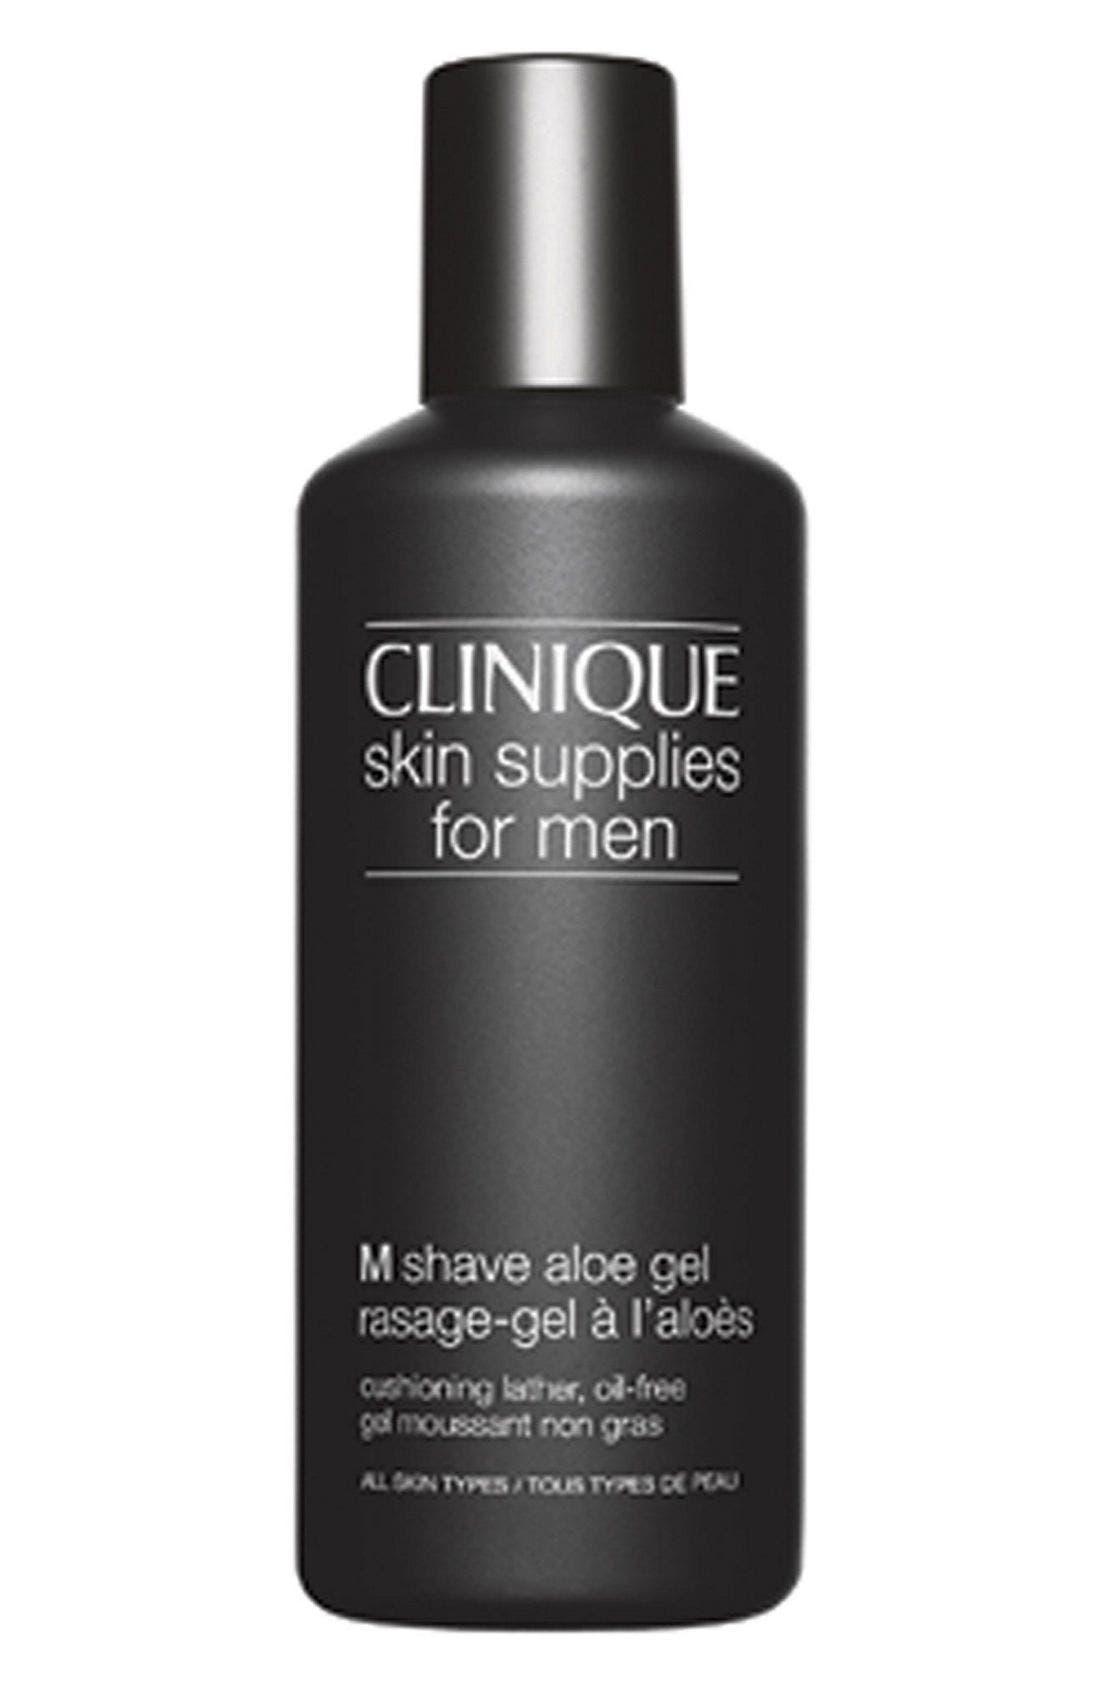 CLINIQUE,                             Skin Supplies for Men M Shave Aloe Gel,                             Main thumbnail 1, color,                             000